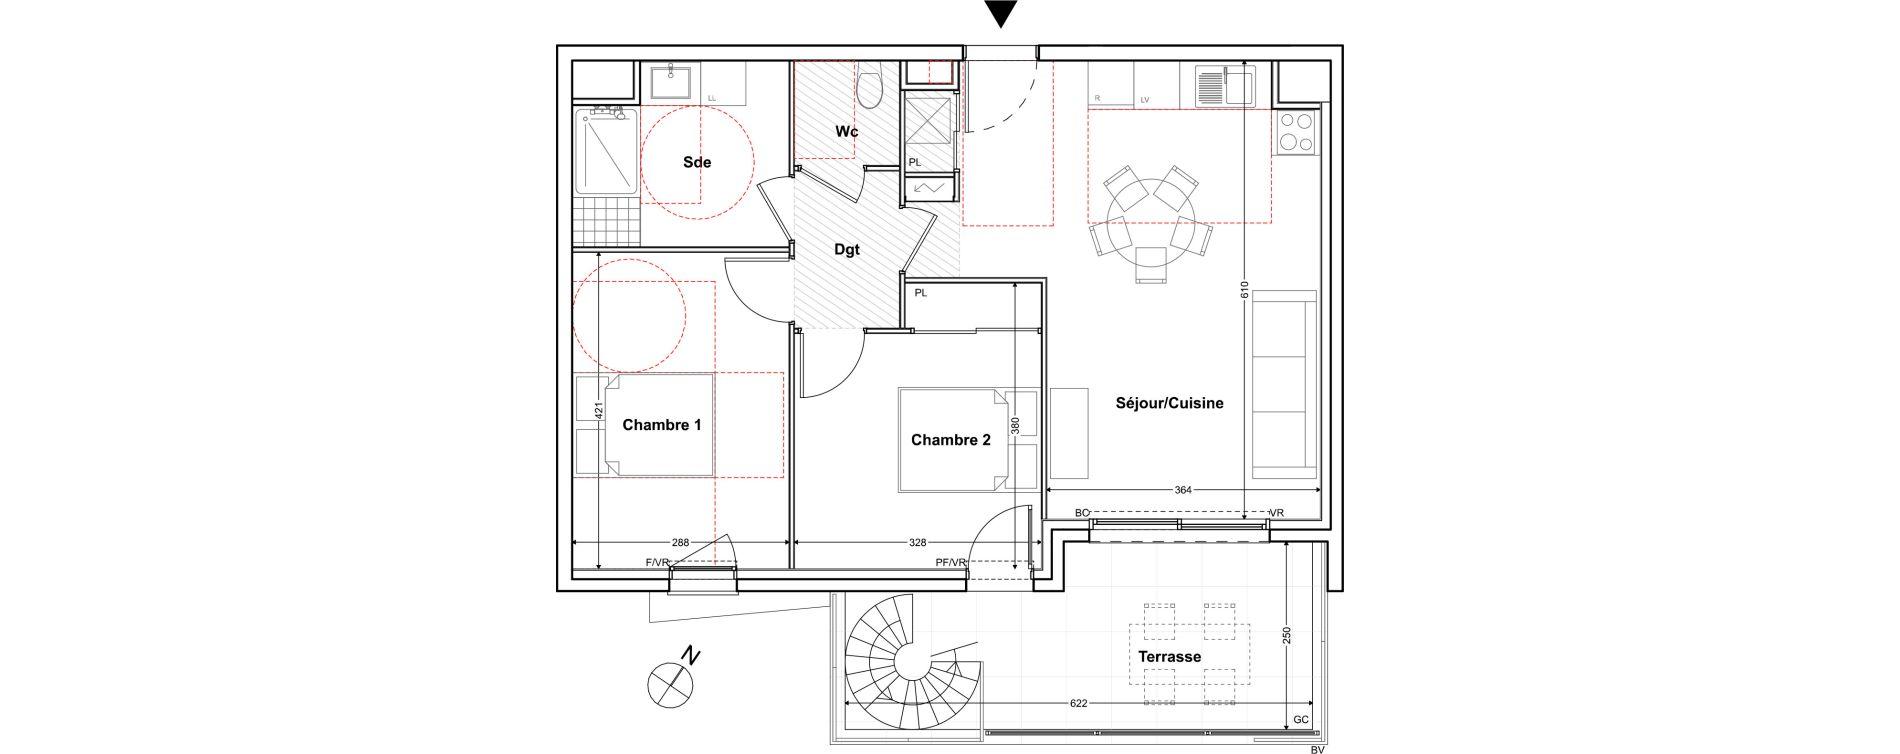 Appartement T3 de 61,76 m2 à Toulon Cap brun